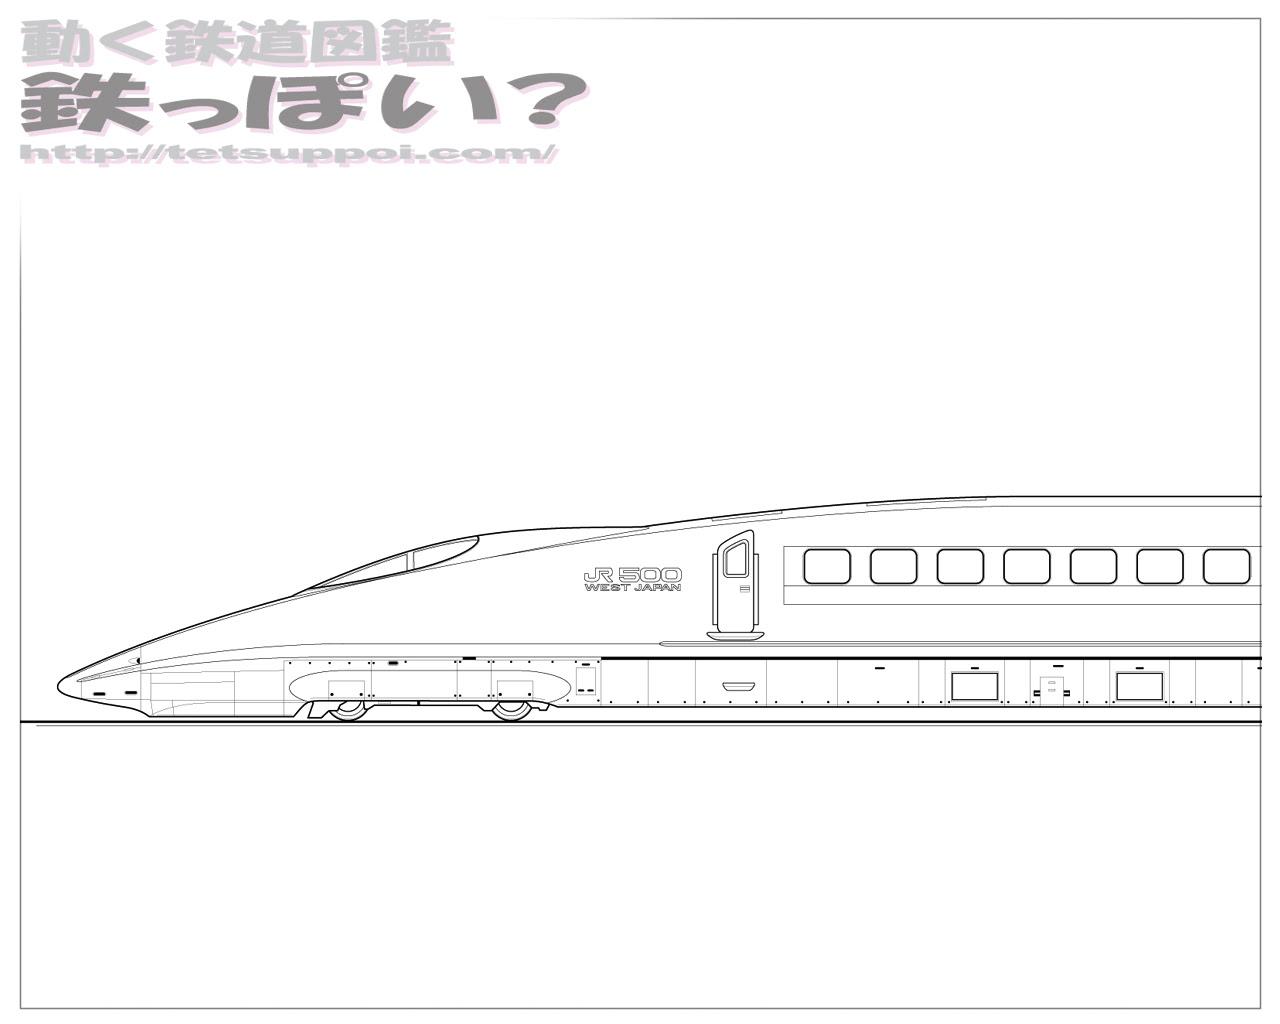 画像 みんなもやって見よう新幹線塗り絵無料 Naver まとめ